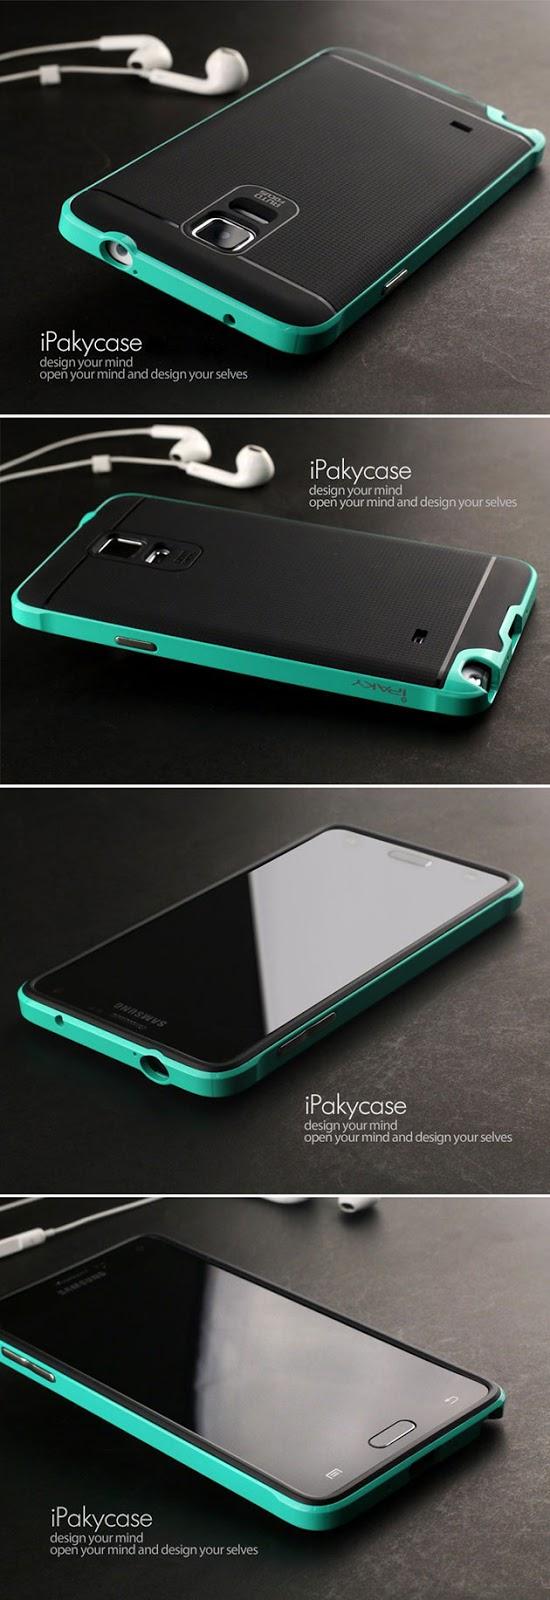 เคส Note 4 สไตล์ไฮบริดของแท้ 131002 สีเขียว